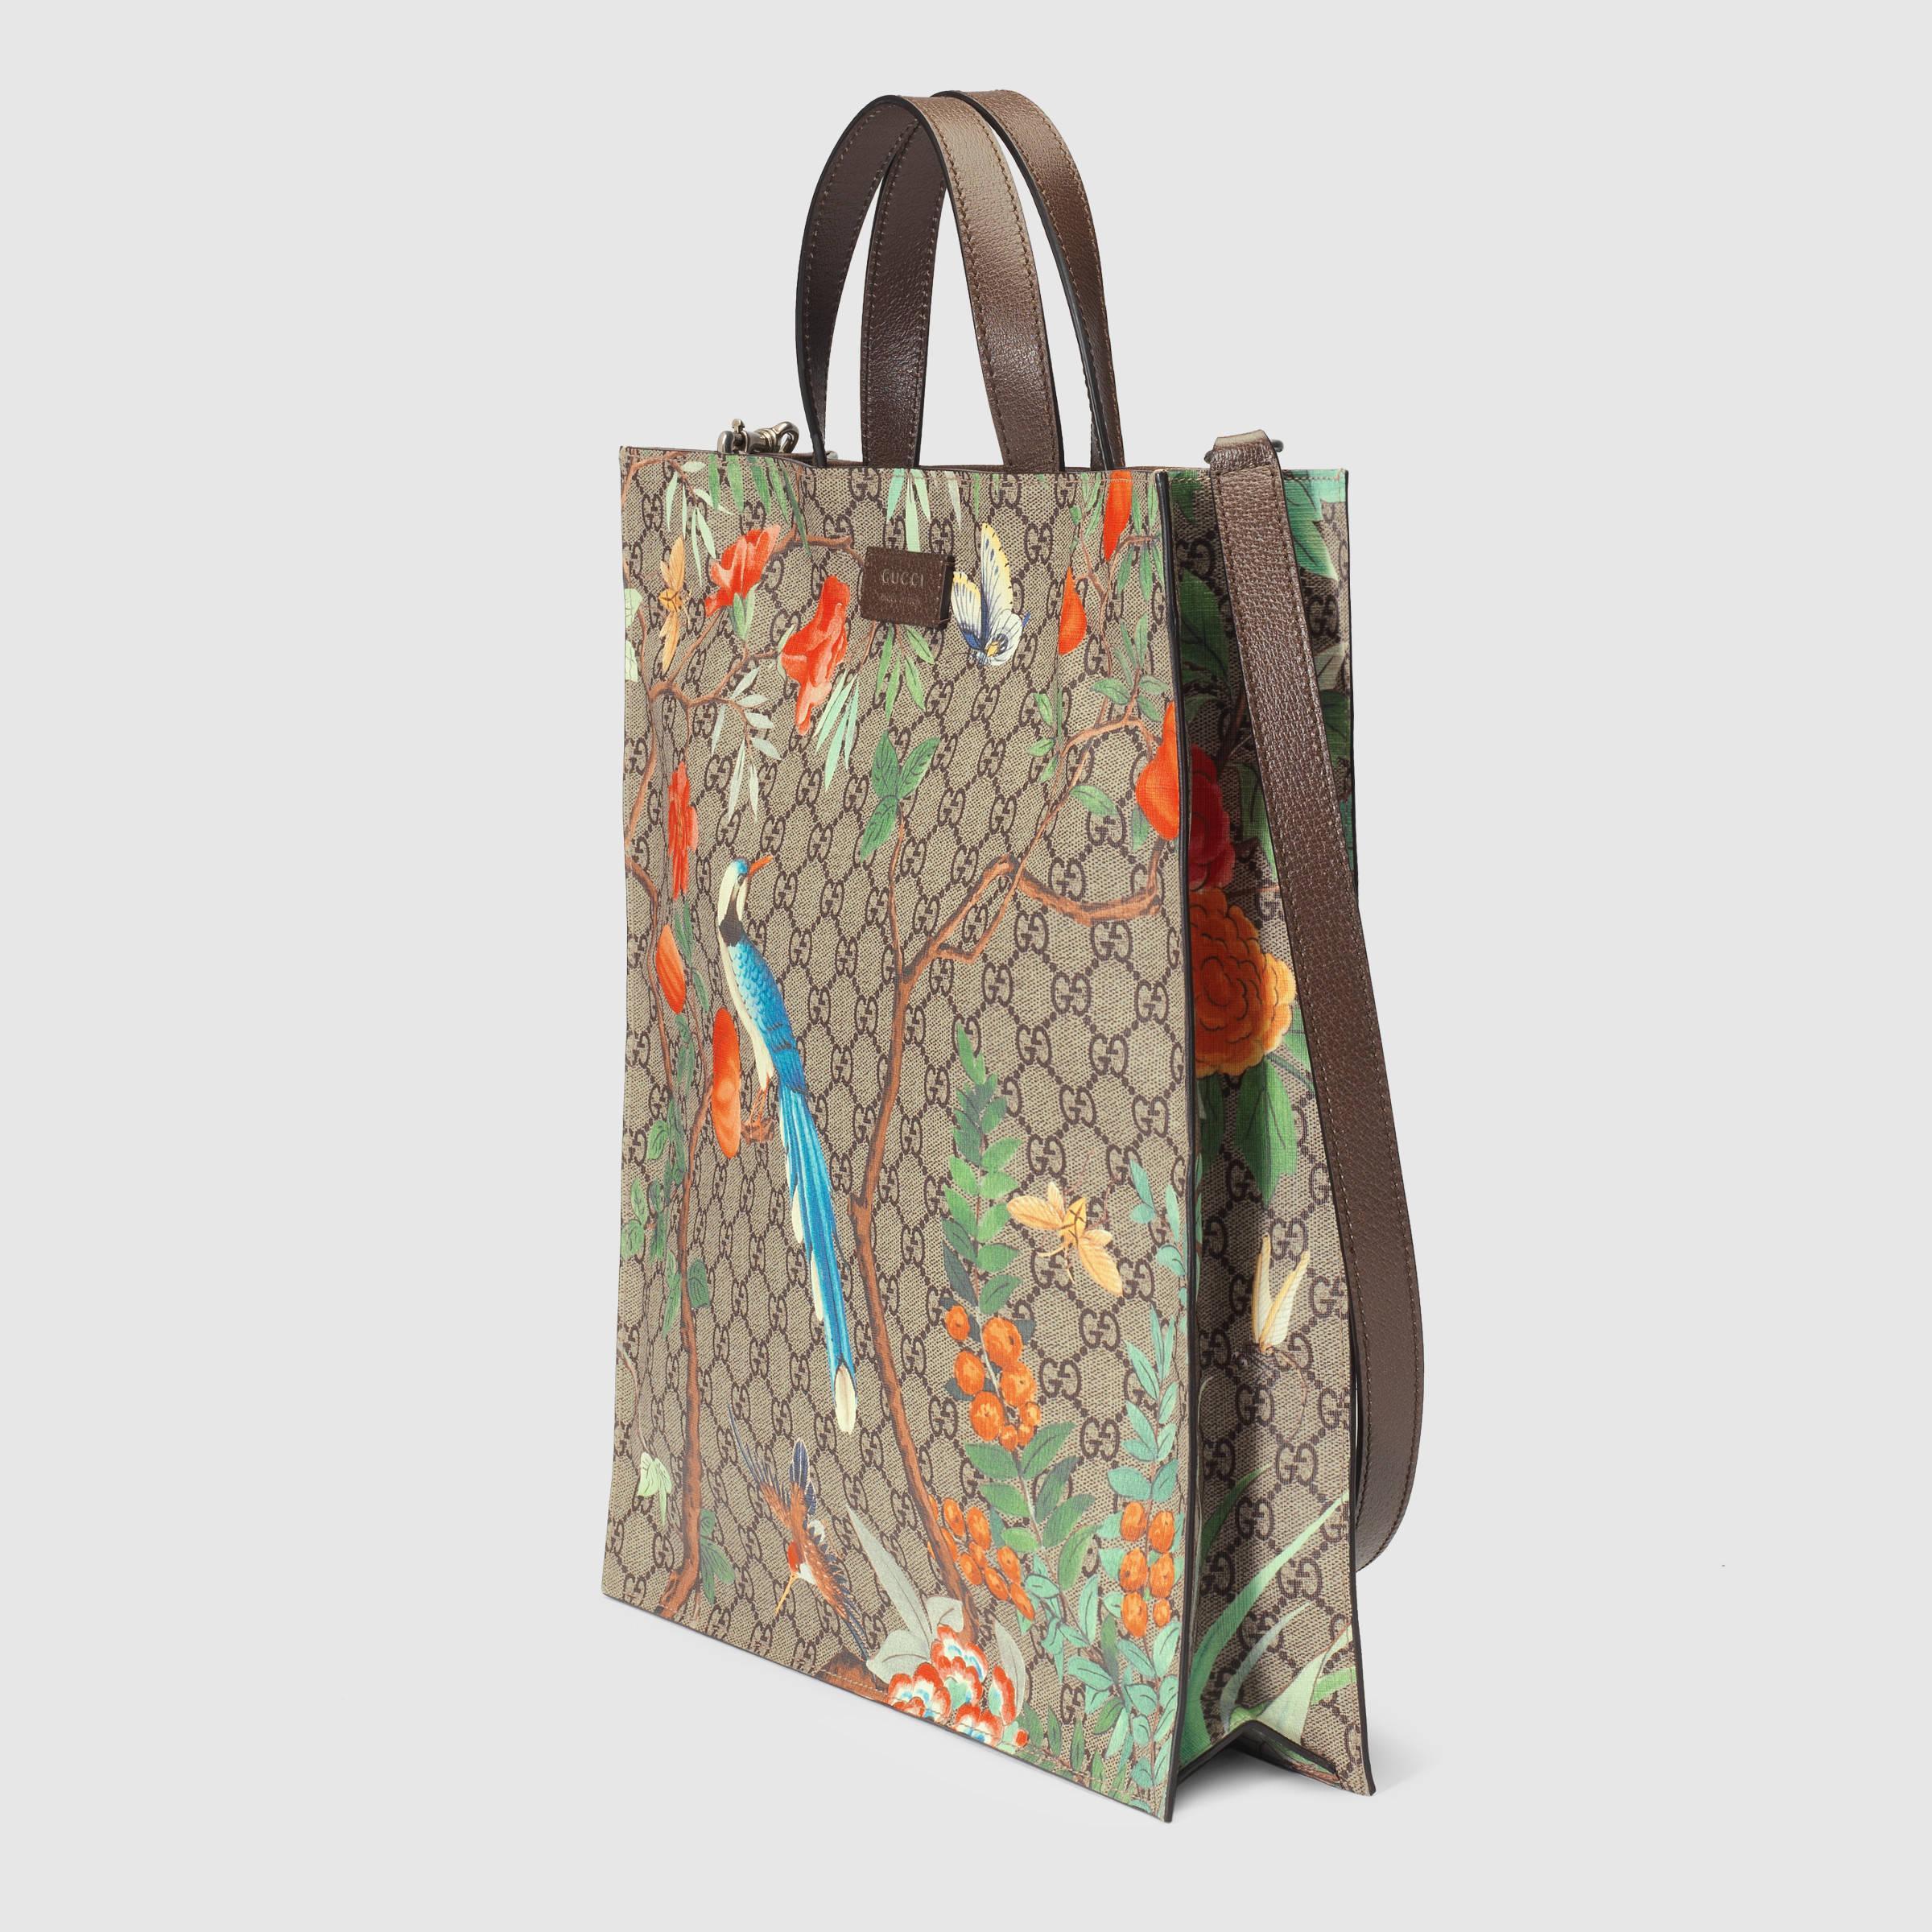 a76e2a0c9e Gucci Multicolor Tian Soft Gg Supreme Tote